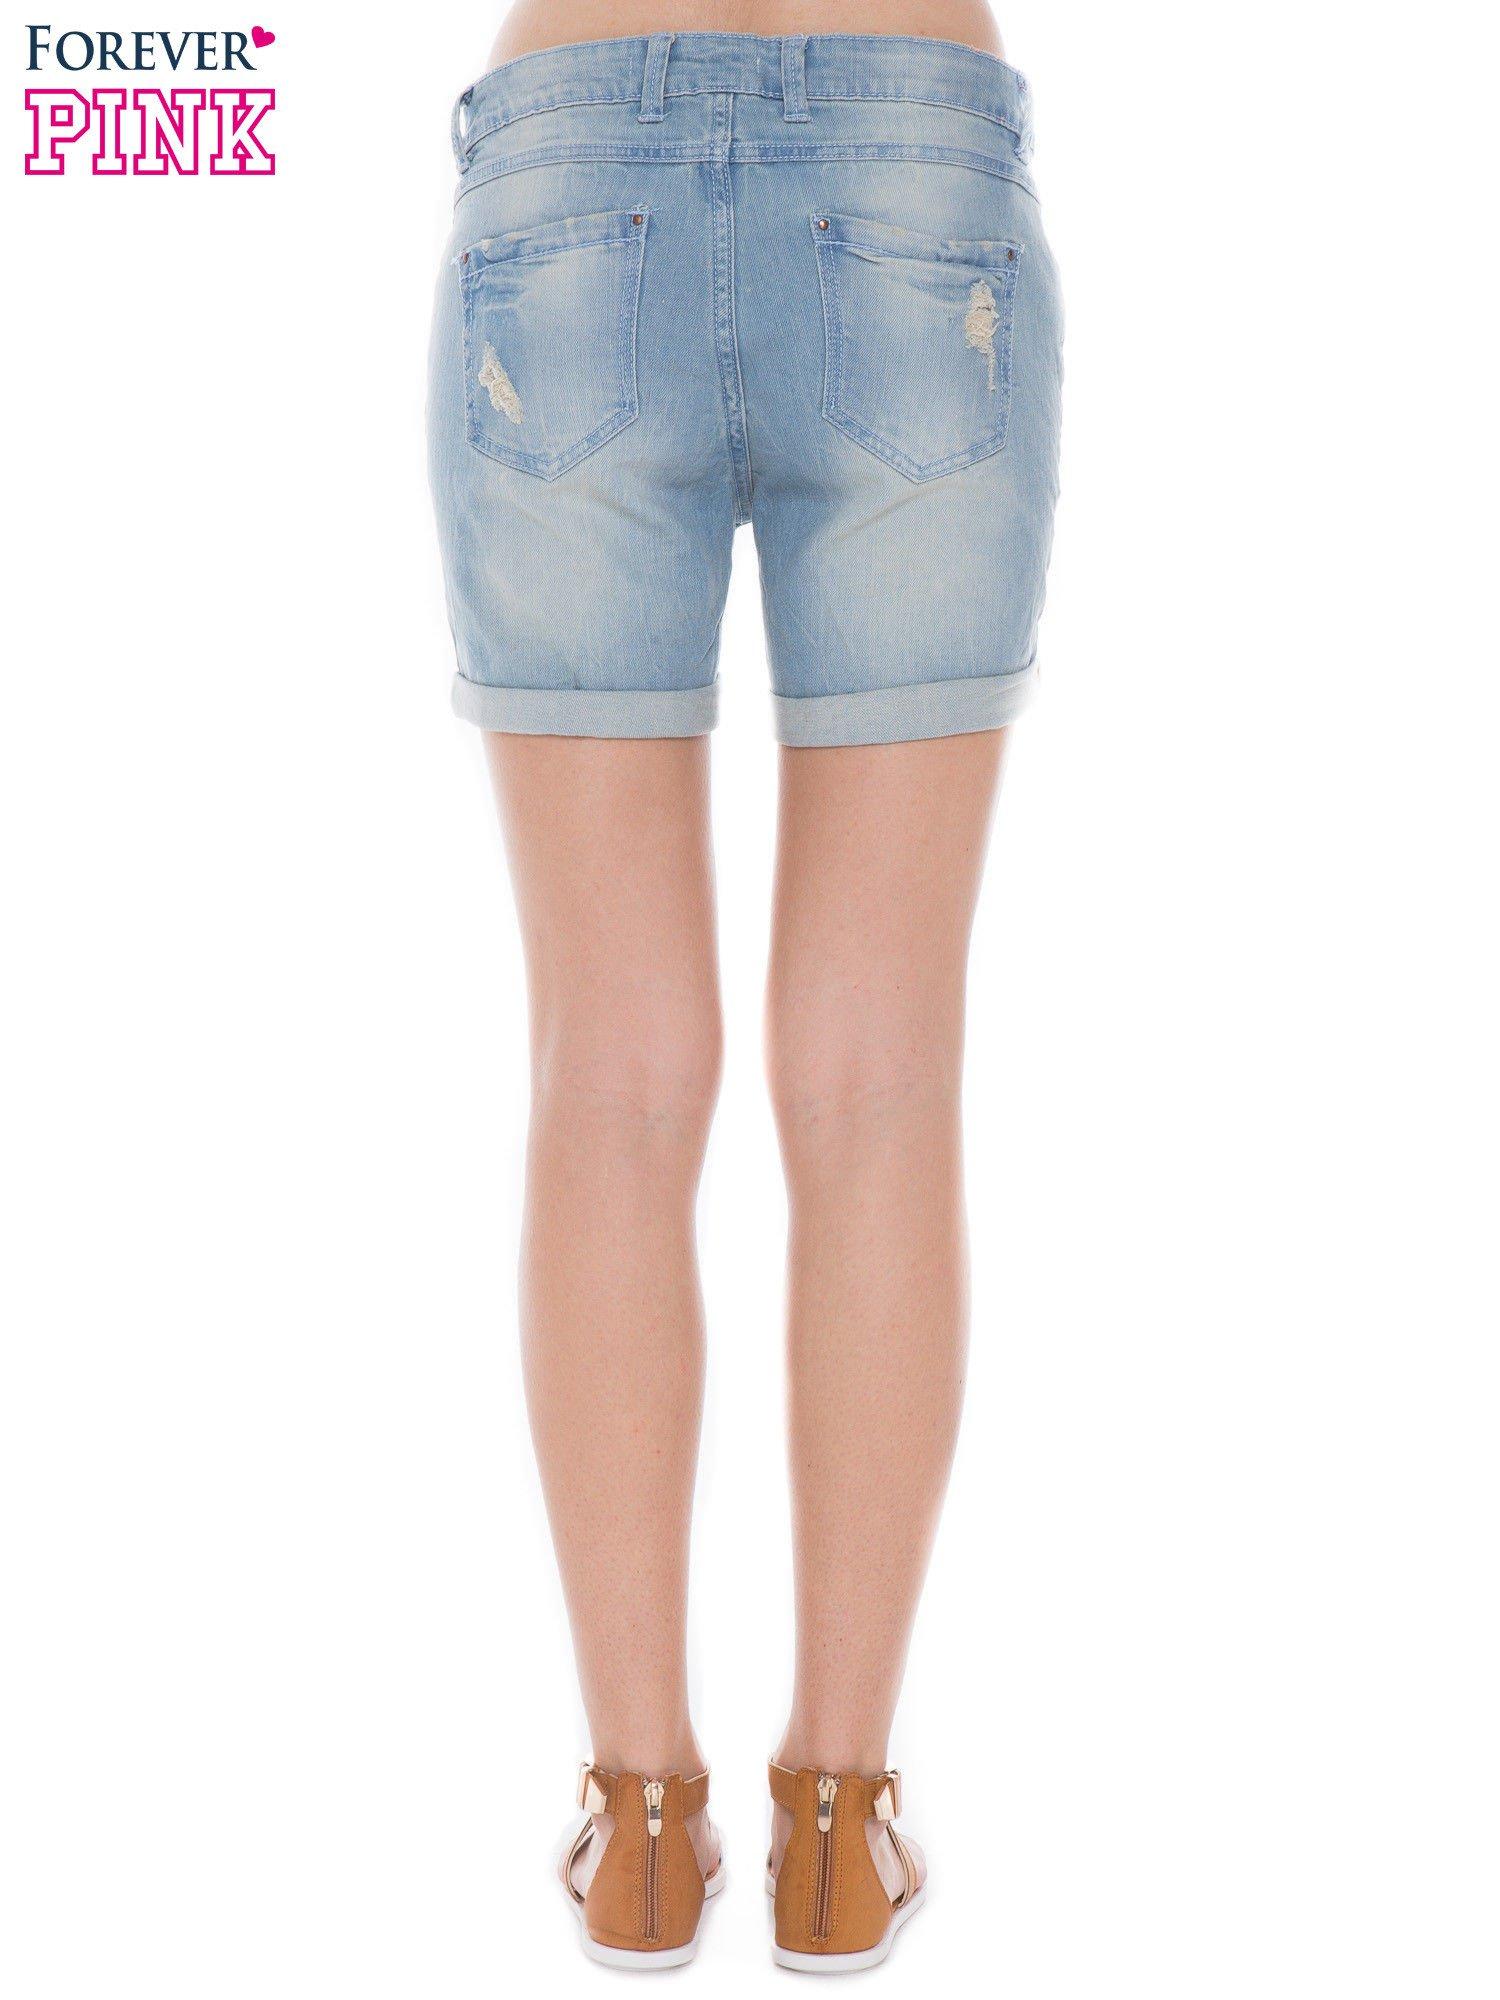 Jasnoniebieskie jeansowe szorty z podwijanymi nogawkami                                  zdj.                                  2